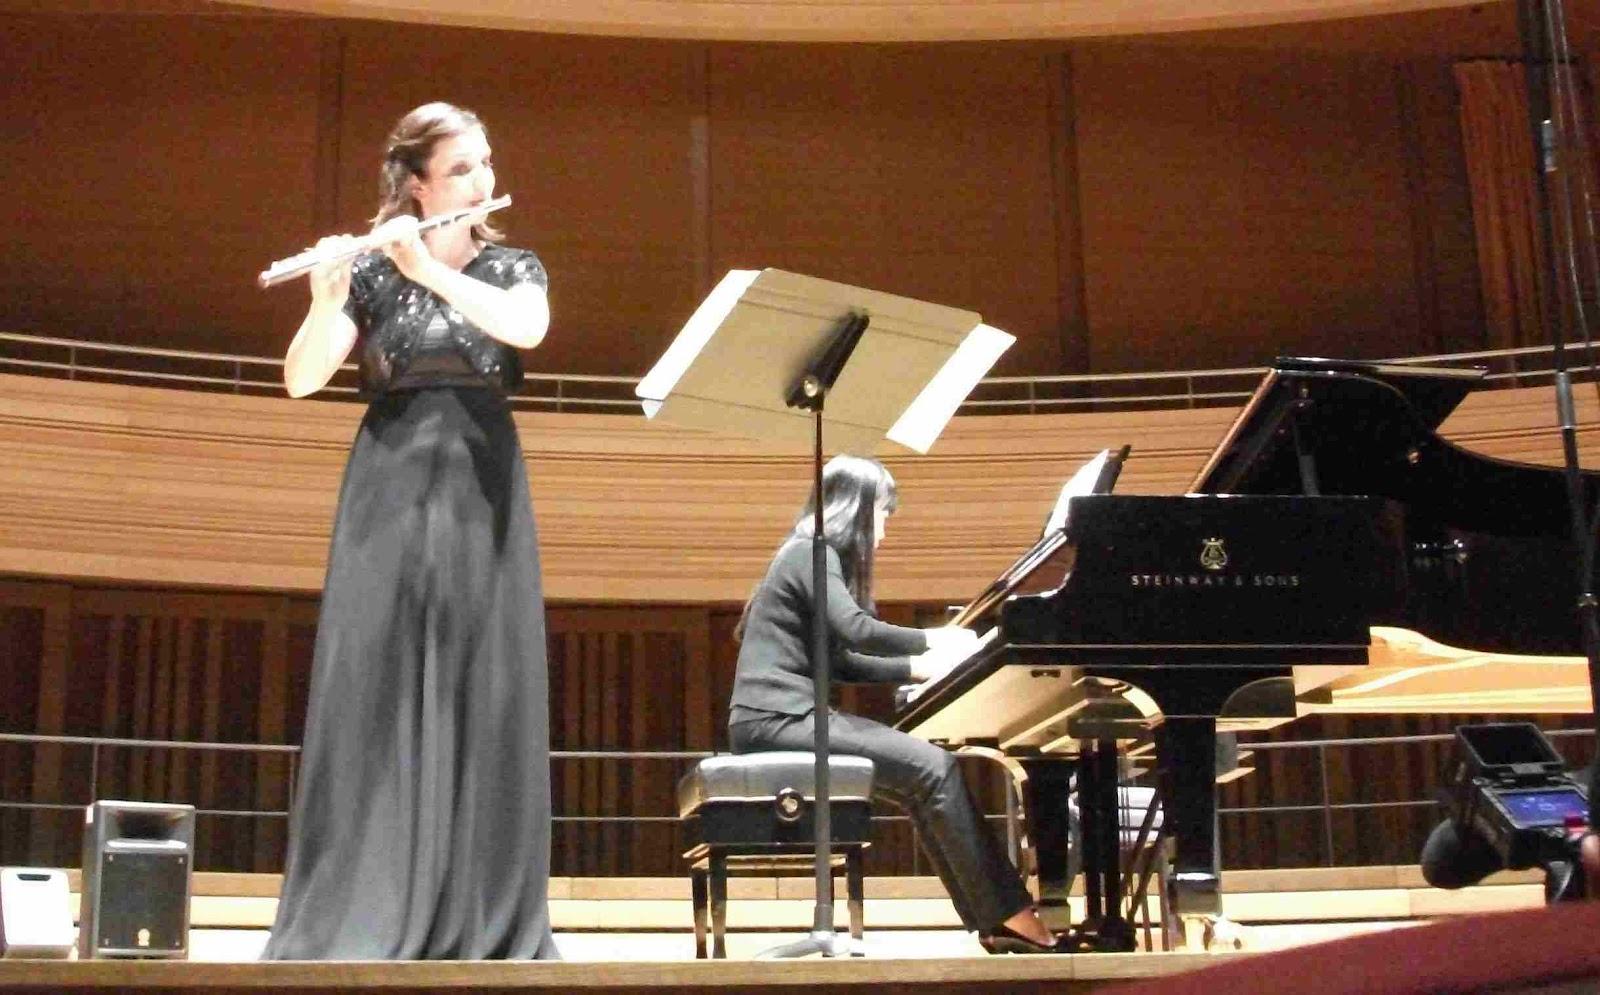 http://1.bp.blogspot.com/-13eu4KDdNU0/T6h6GCJwgtI/AAAAAAAAJTQ/L1eFfSc4px4/s1600/Flute+Festival+Johanna+Domotor.JPG